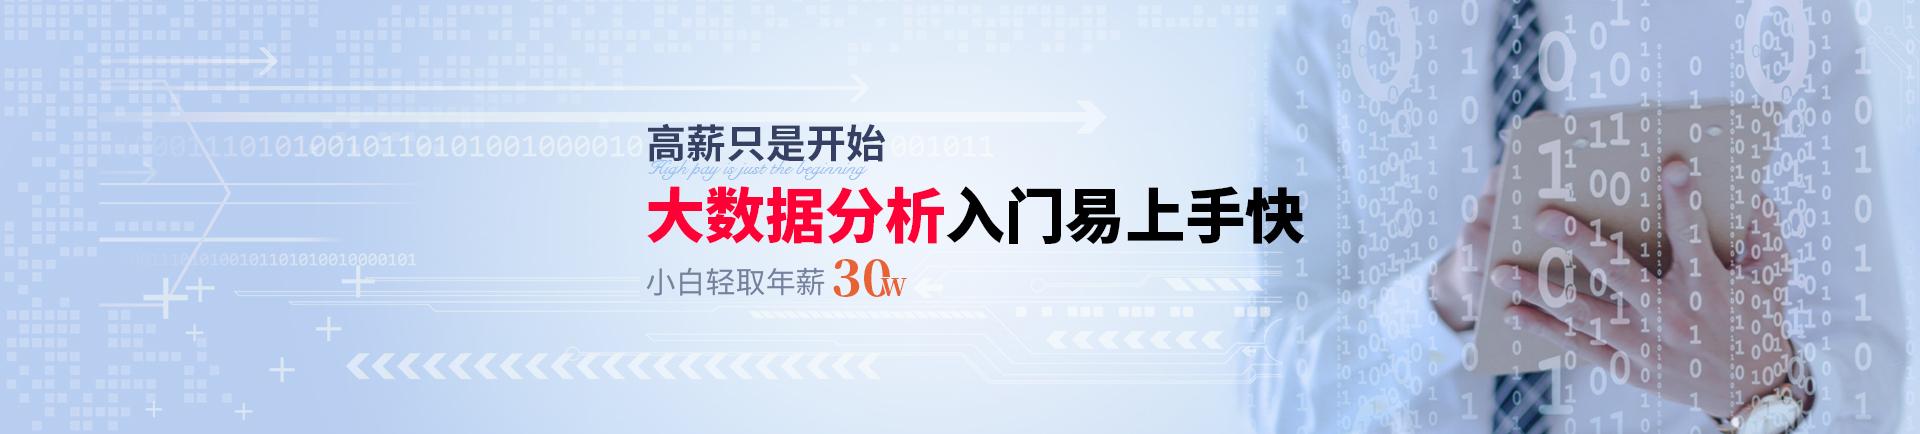 大数�分�入门易上手快 �白轻�年薪30W-zhengzhou